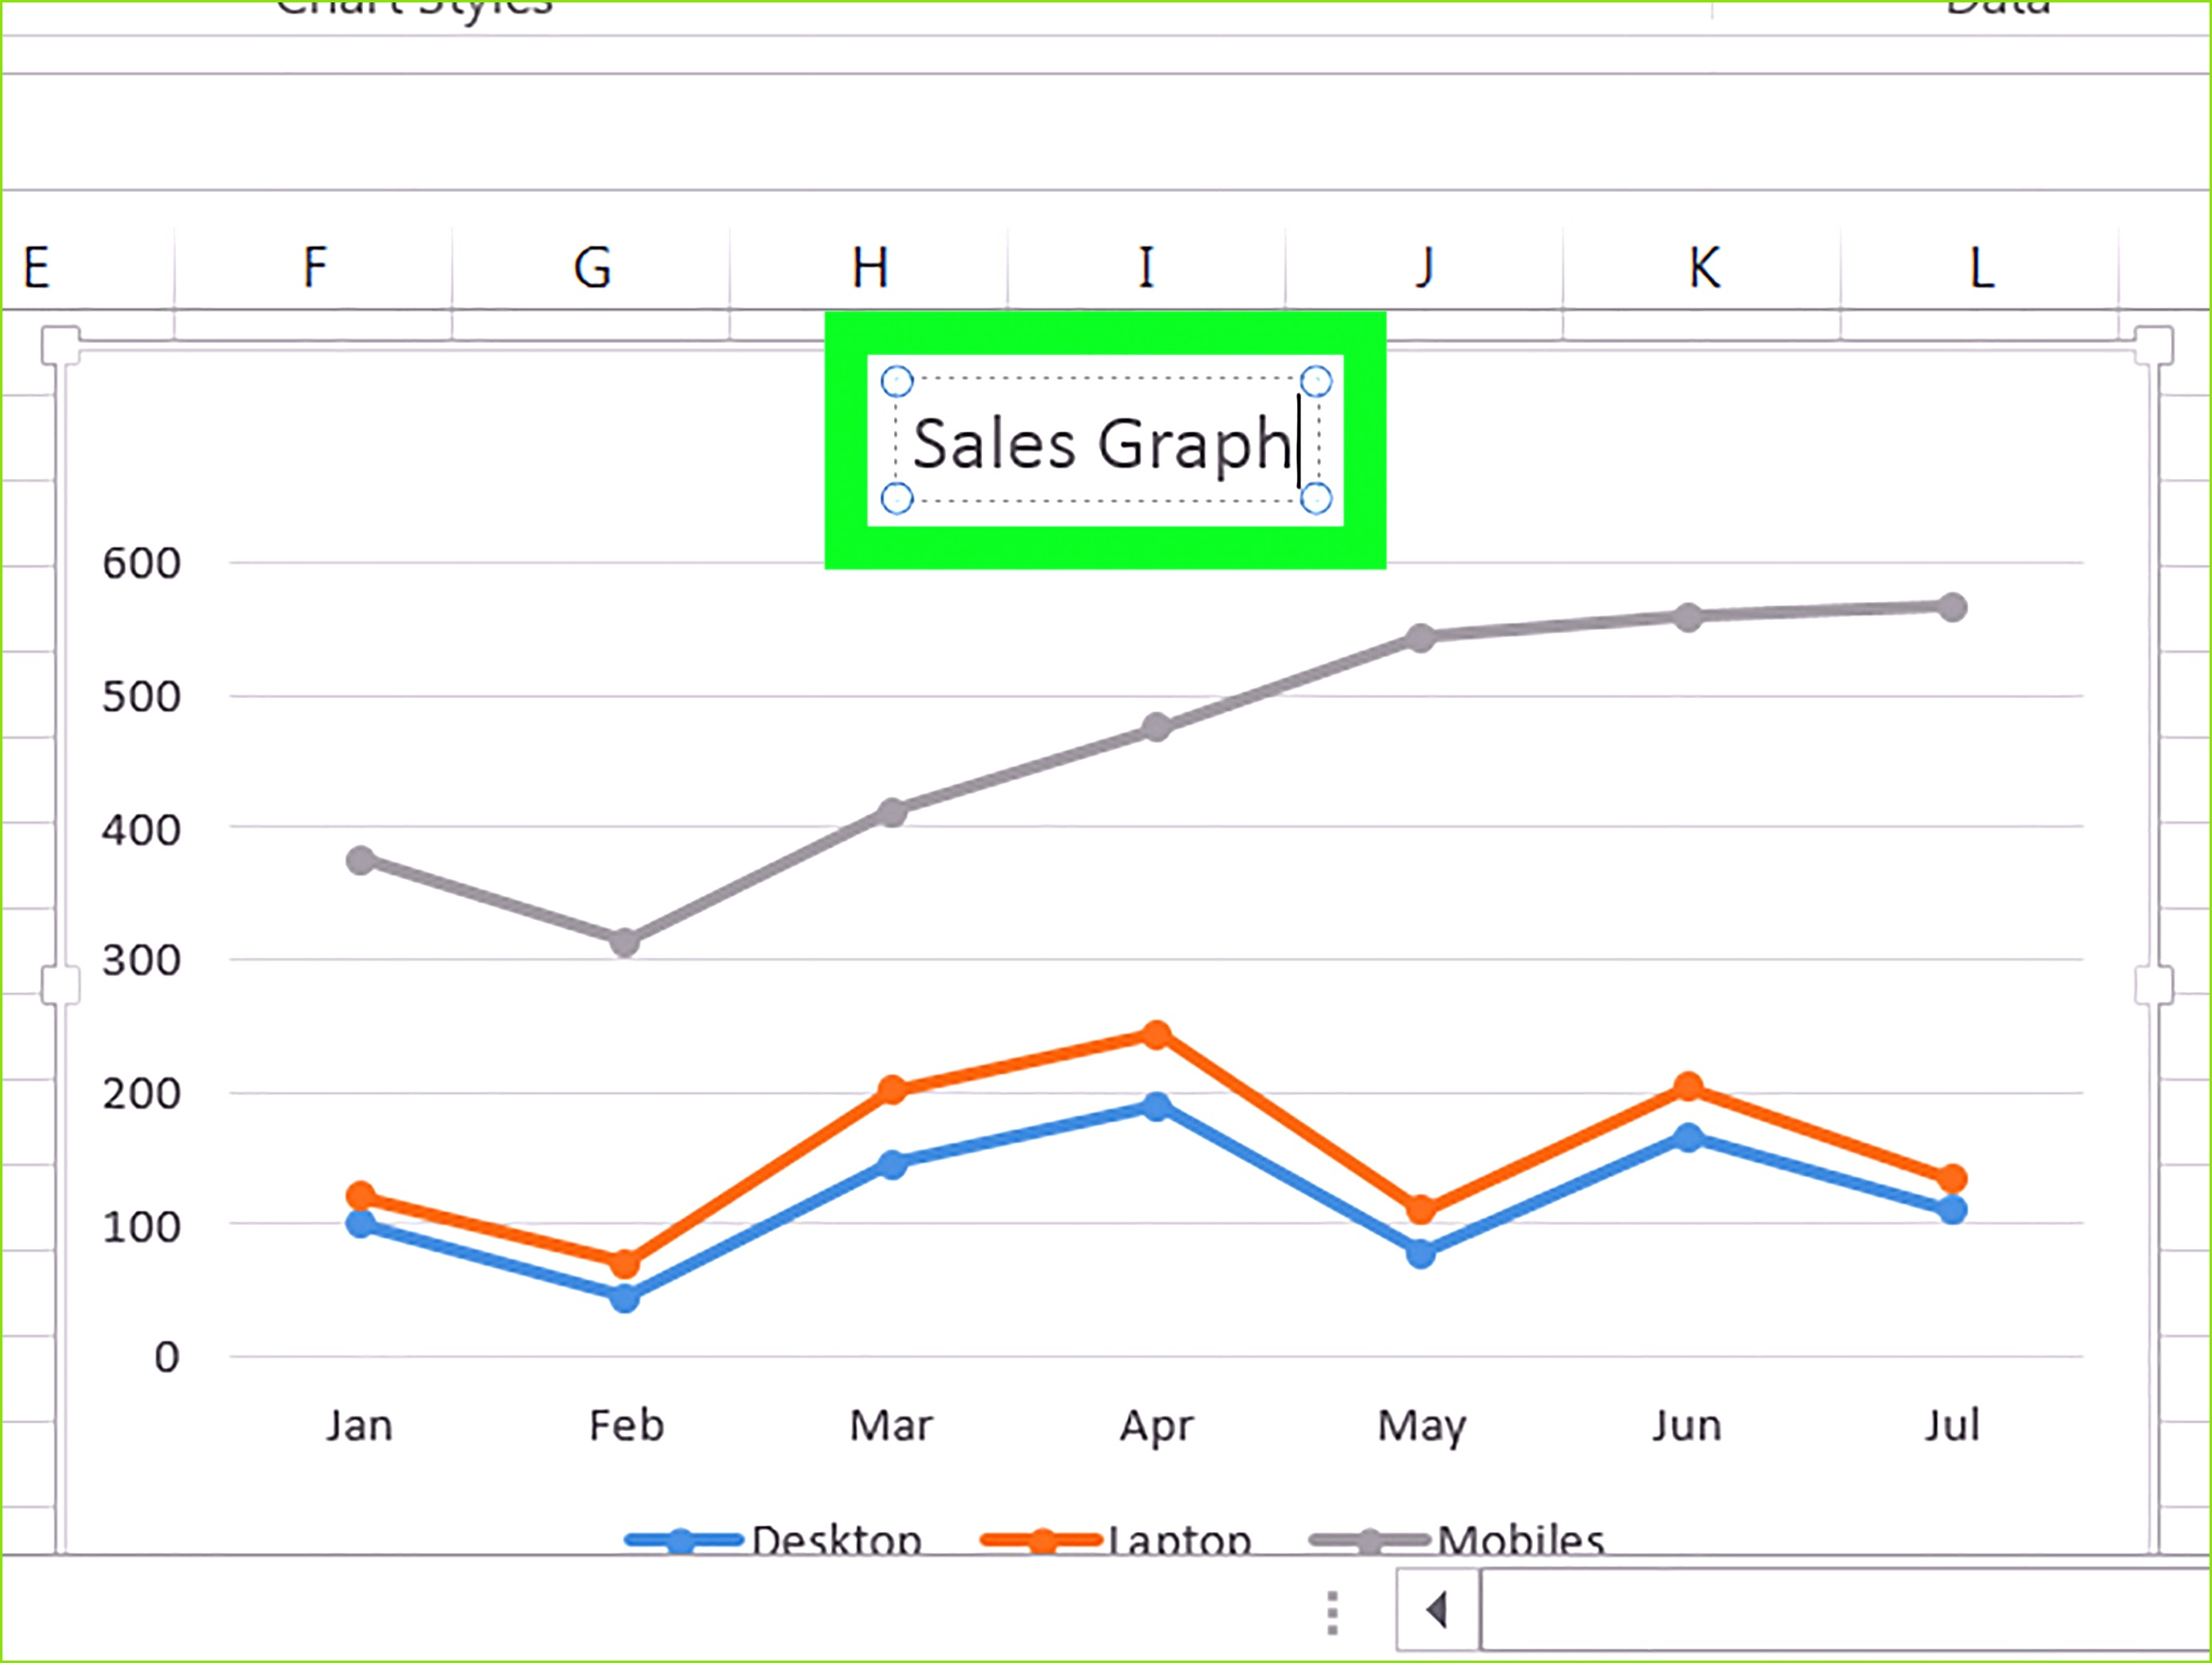 Kreisdiagramm Erstellen Excel Und 15 Elegant How to Make A Banner In Word Arbeitszeiterfassung Excel Vorlage Kostenlos Dann Excel Vorlagen Datev